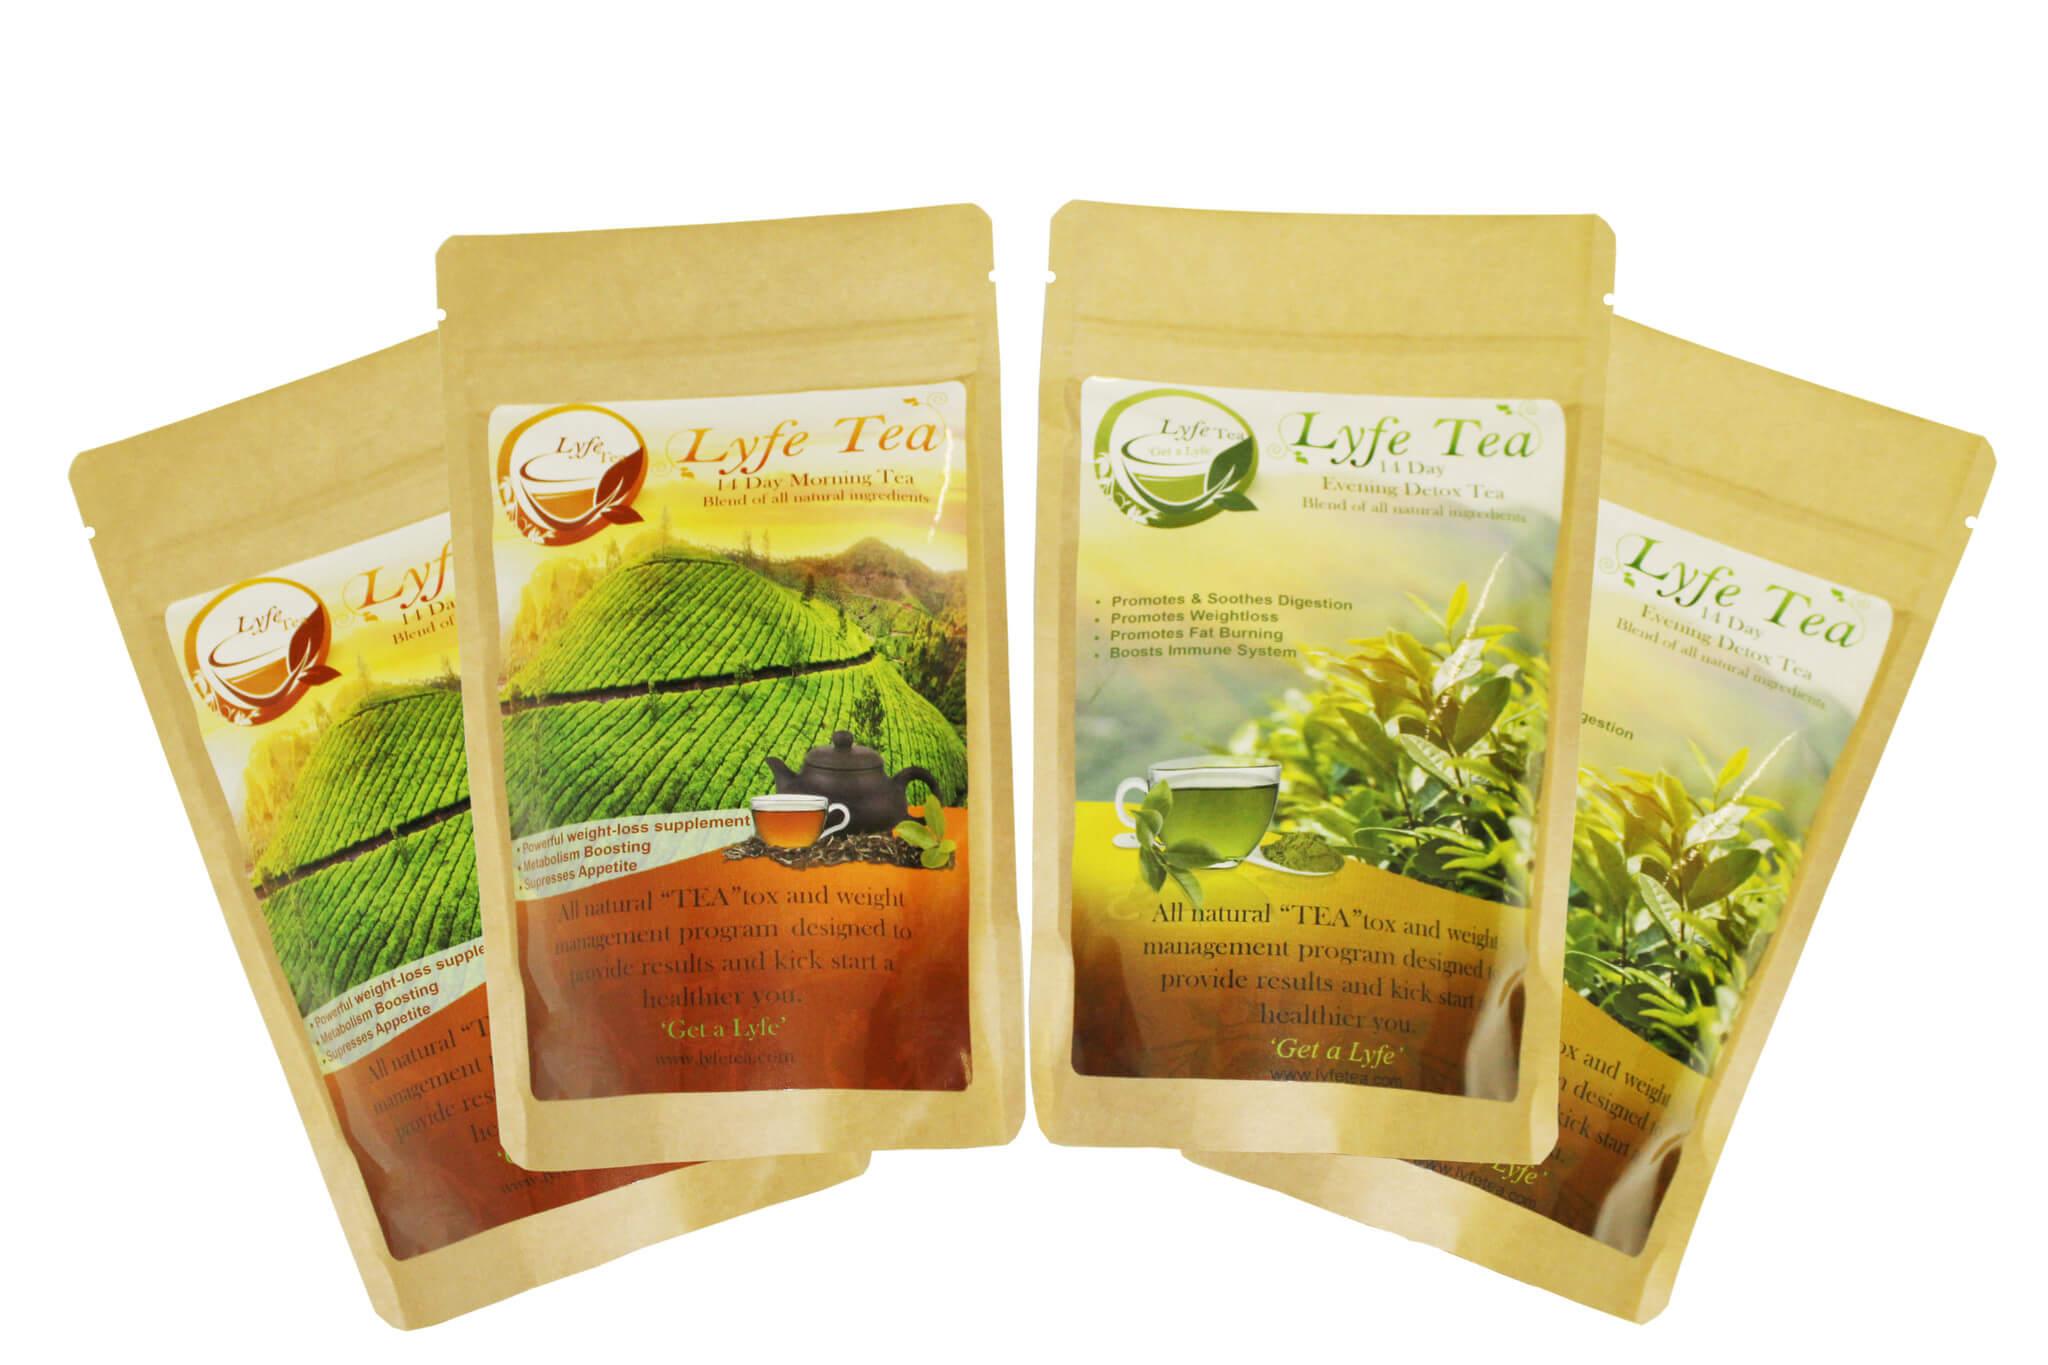 Lyfe Tea teatox